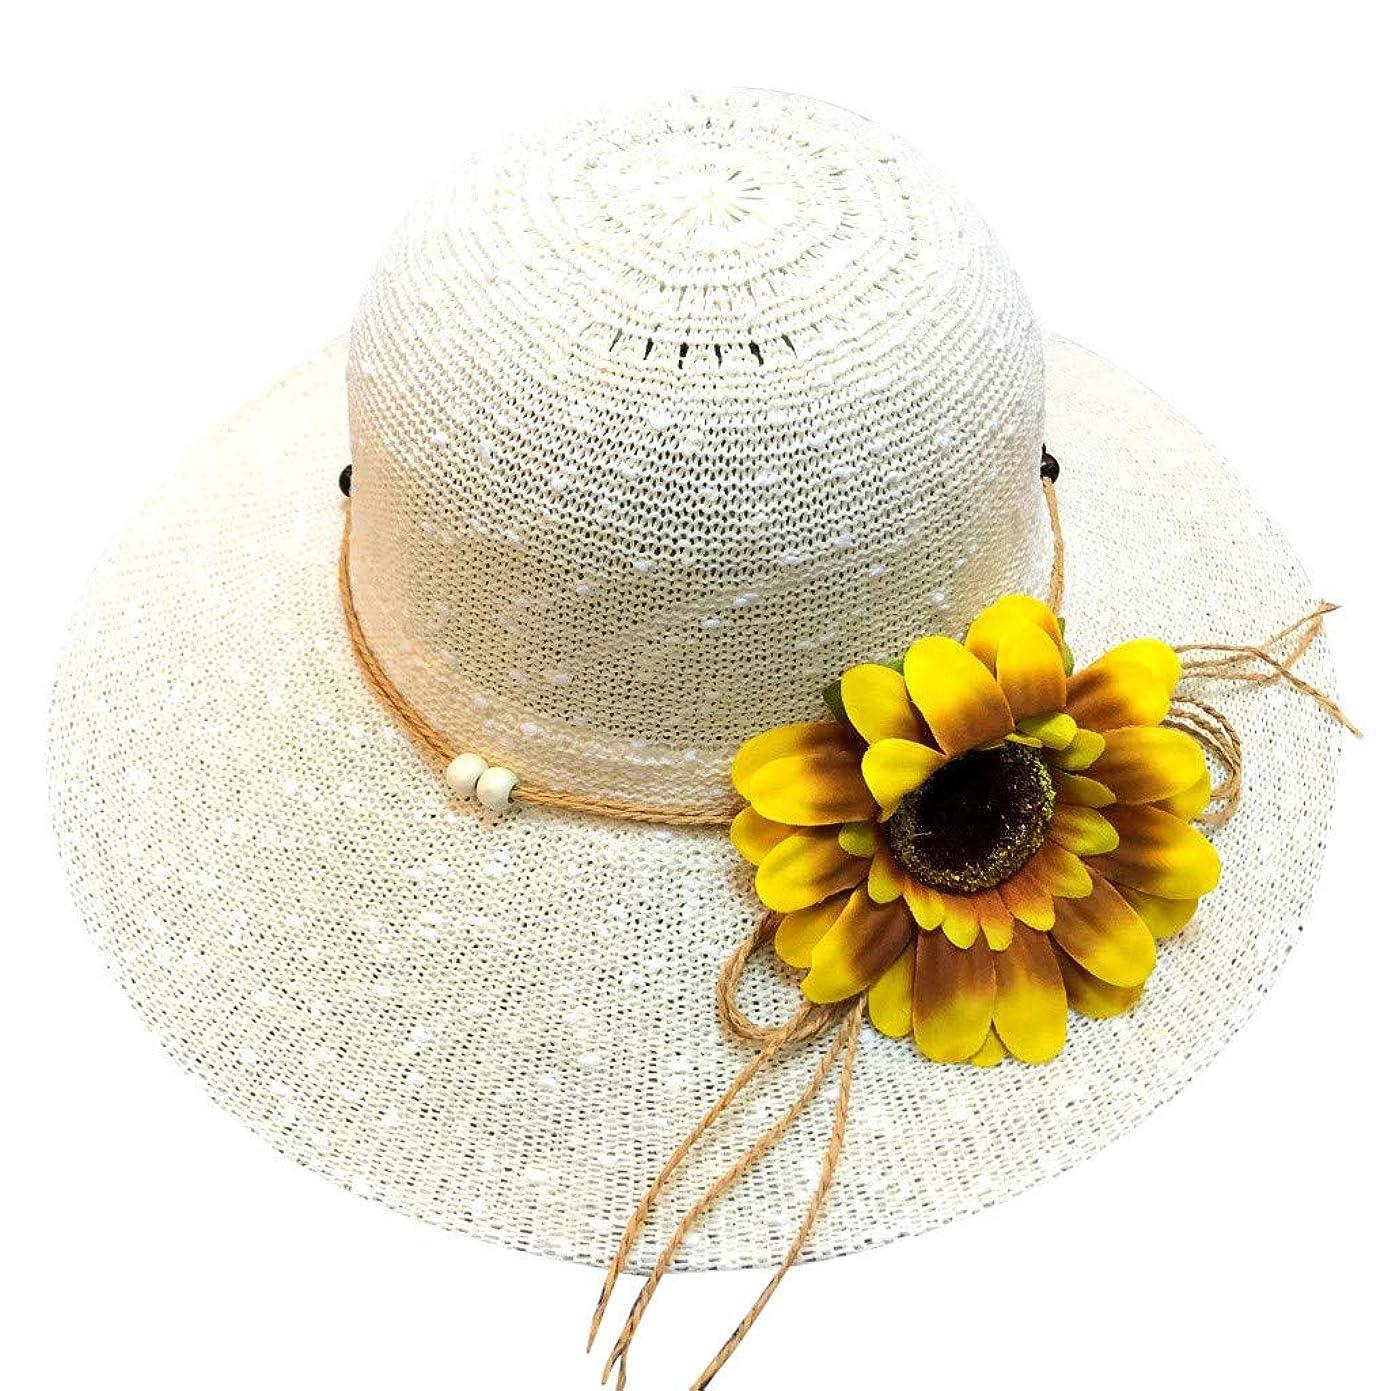 ホームレス明日晴れ帽子 レディース アウトドア 夏 春 UVカット 帽子 ハット 漁師帽 日焼け防止 つば広 紫外線対策 大きいサイズ ひまわり 可愛い ハット 旅行用 日よけ 夏季 ビーチ 無地 ハット レディース 女性 ROSE ROMAN